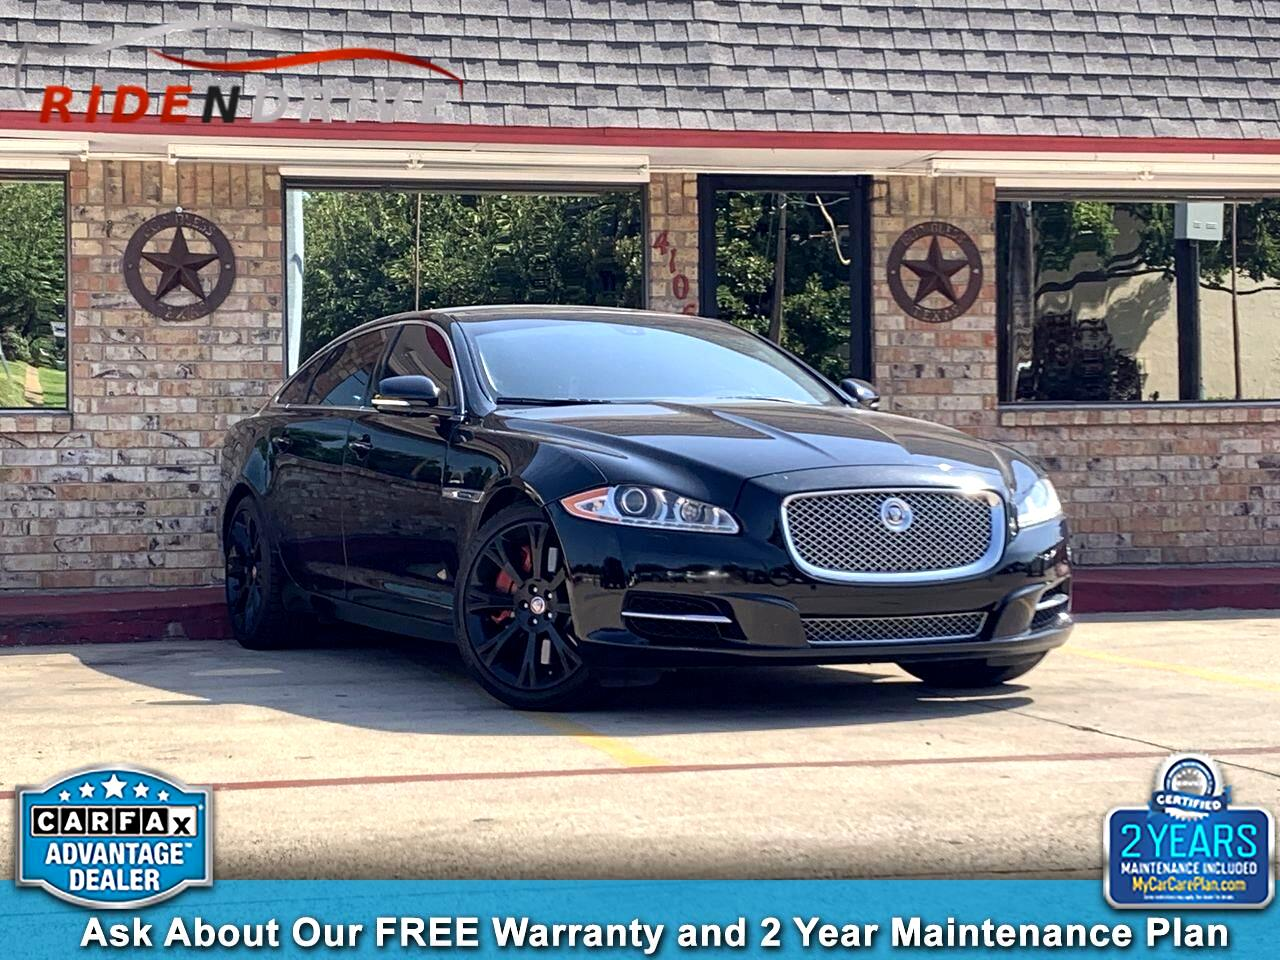 2013 Jaguar XJ 4dr Sdn XJL Supercharged RWD